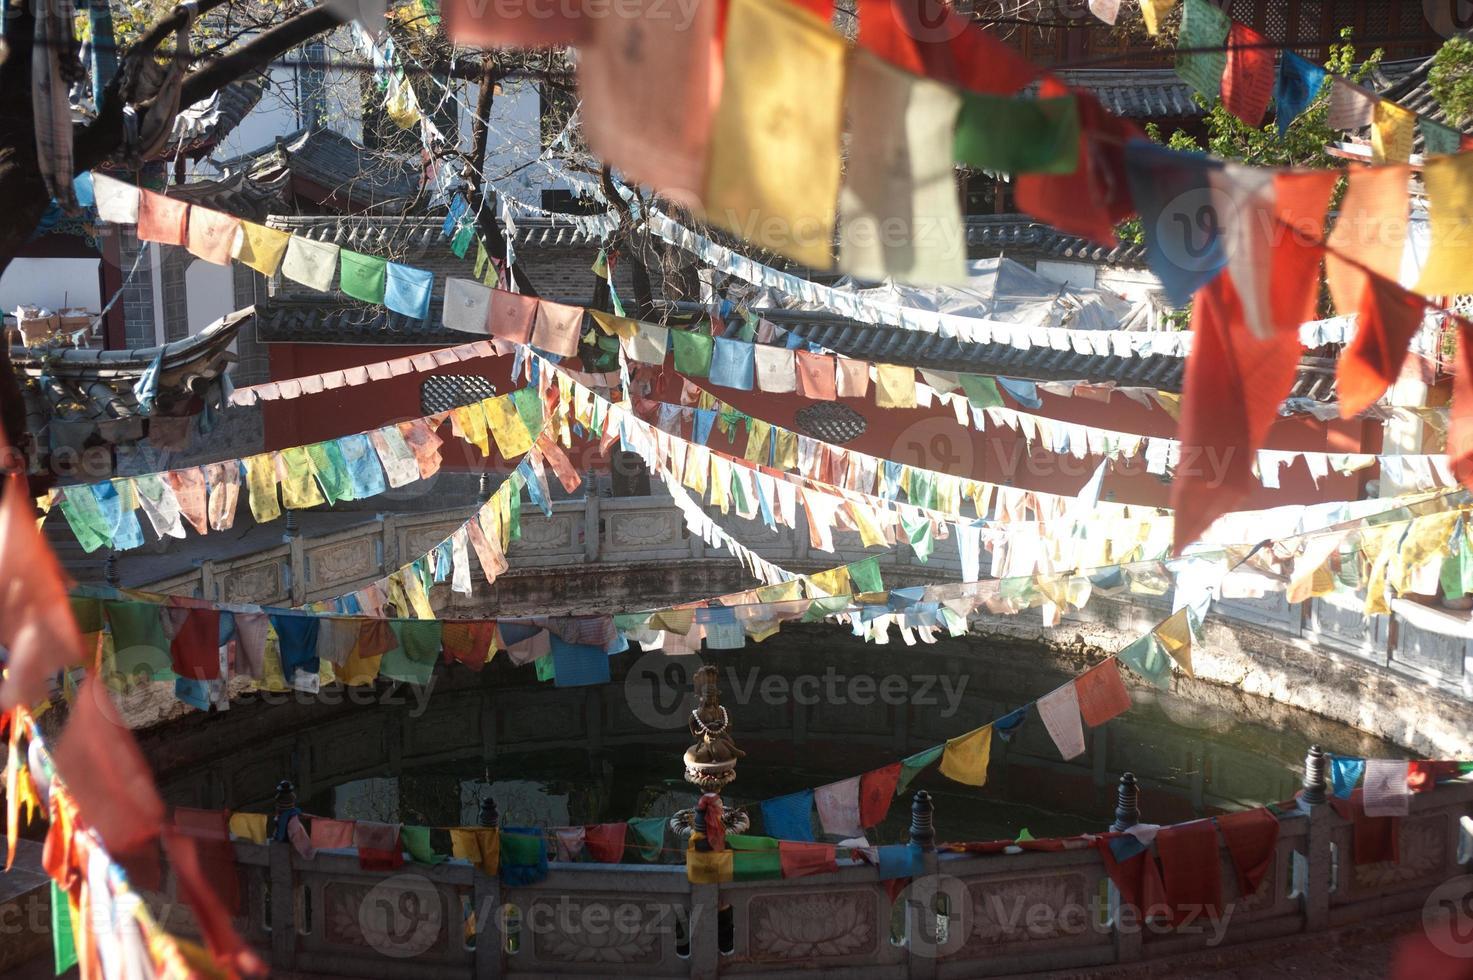 Banderas de oración budista tibetana en el templo chino. foto